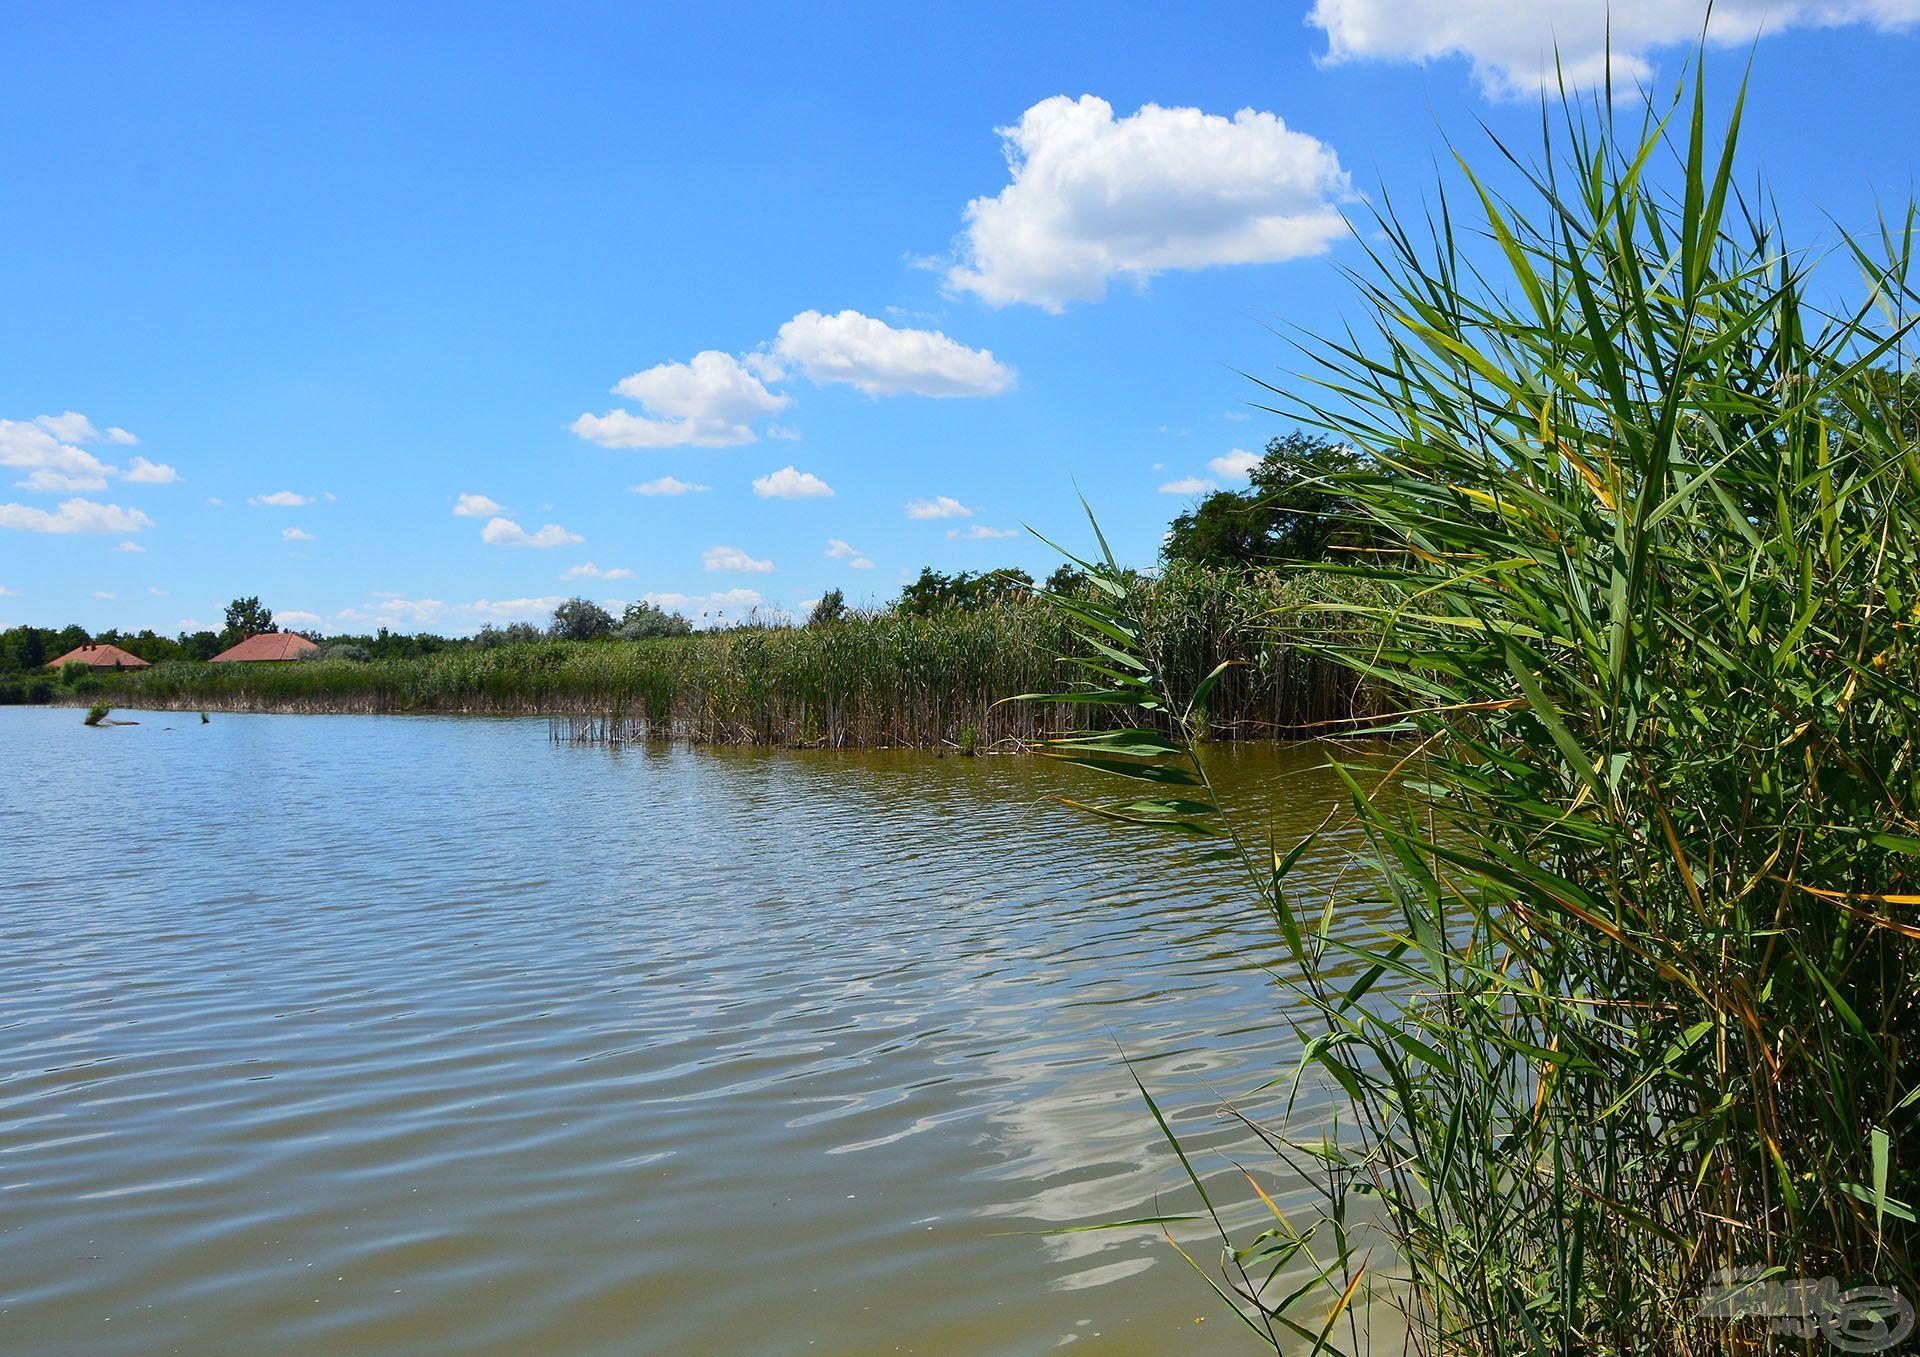 Rengeteg ígéretes hely és lehetőség kínálkozik innen a halak keresésére